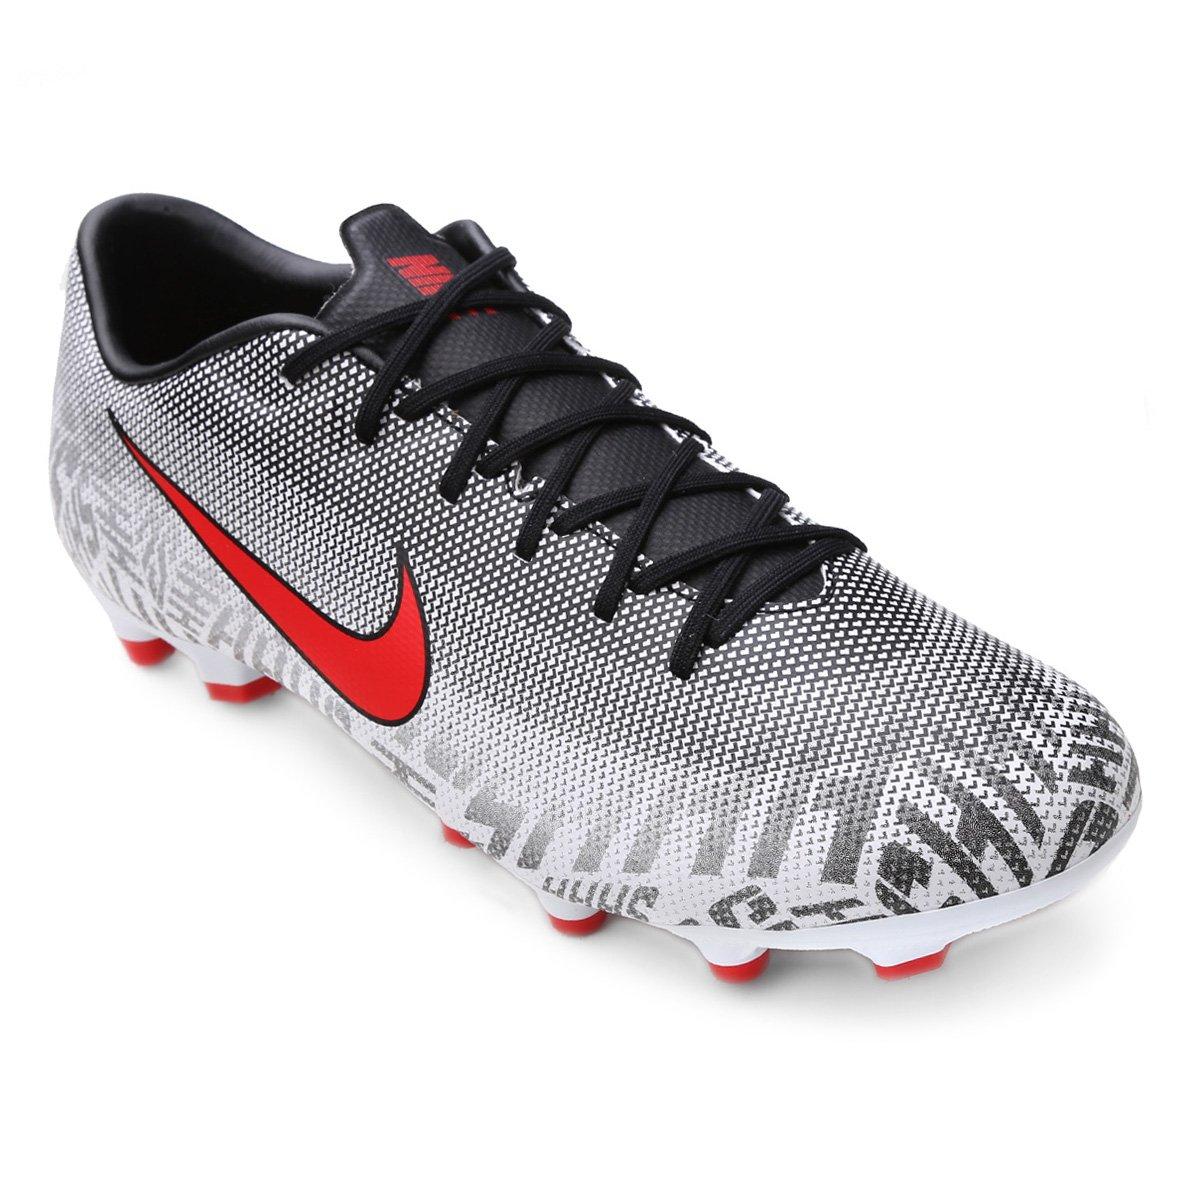 Chuteira Campo Nike Mercurial Vapor 12 Academy Neymar Jr FG - Branco e Vermelho